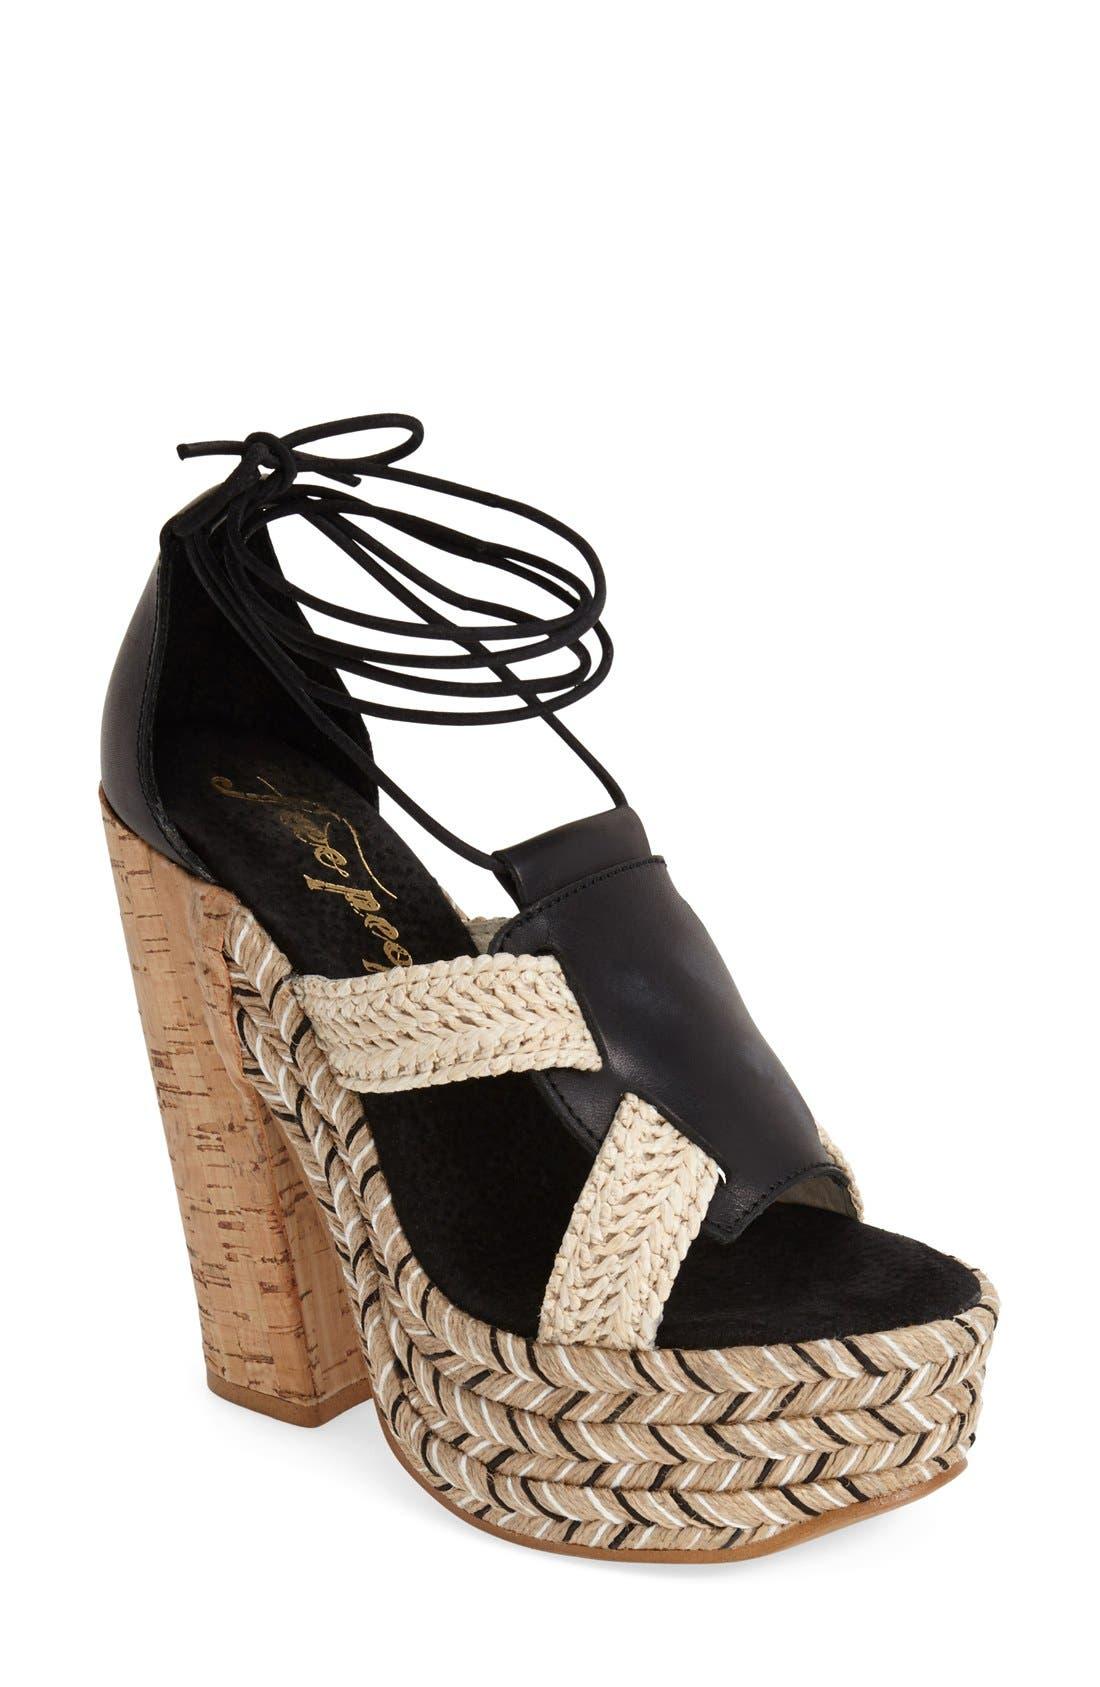 Main Image - Free People 'High Society' Platform Sandal (Women)